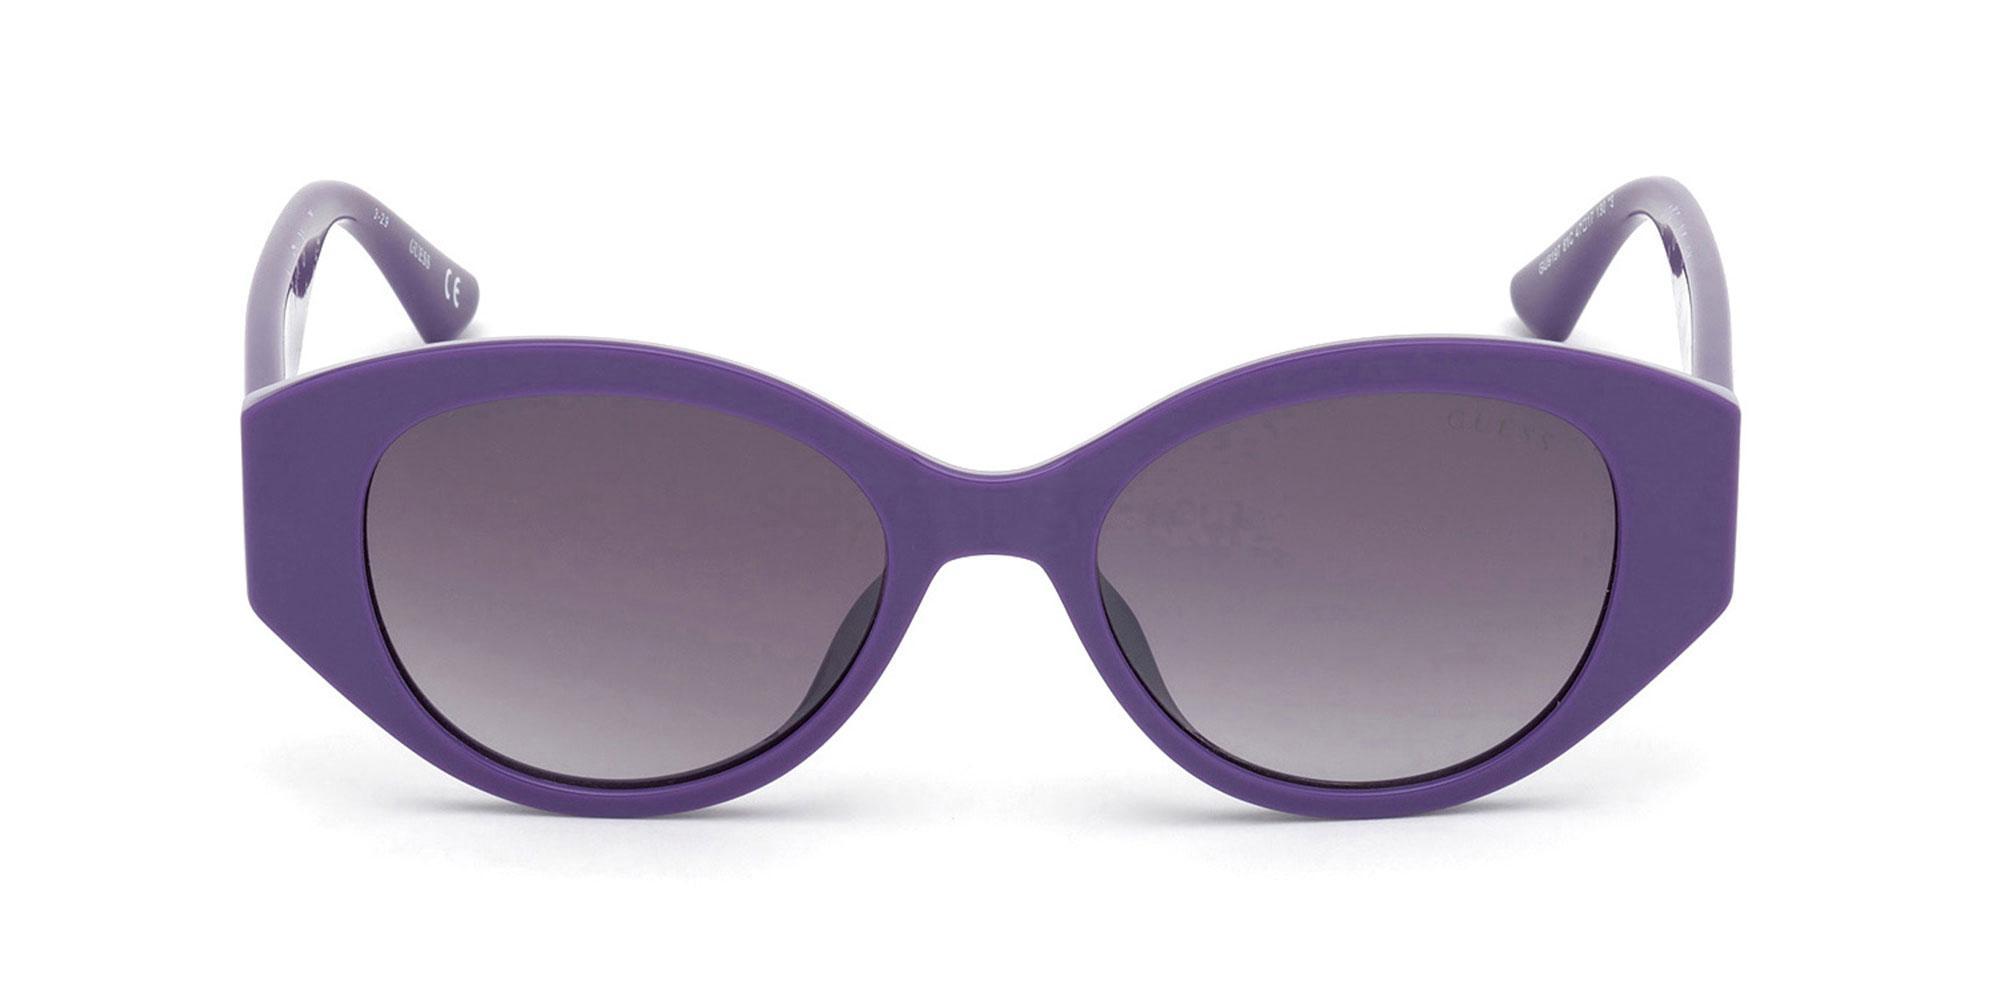 81C GU9197 Sunglasses, GUESS Kids